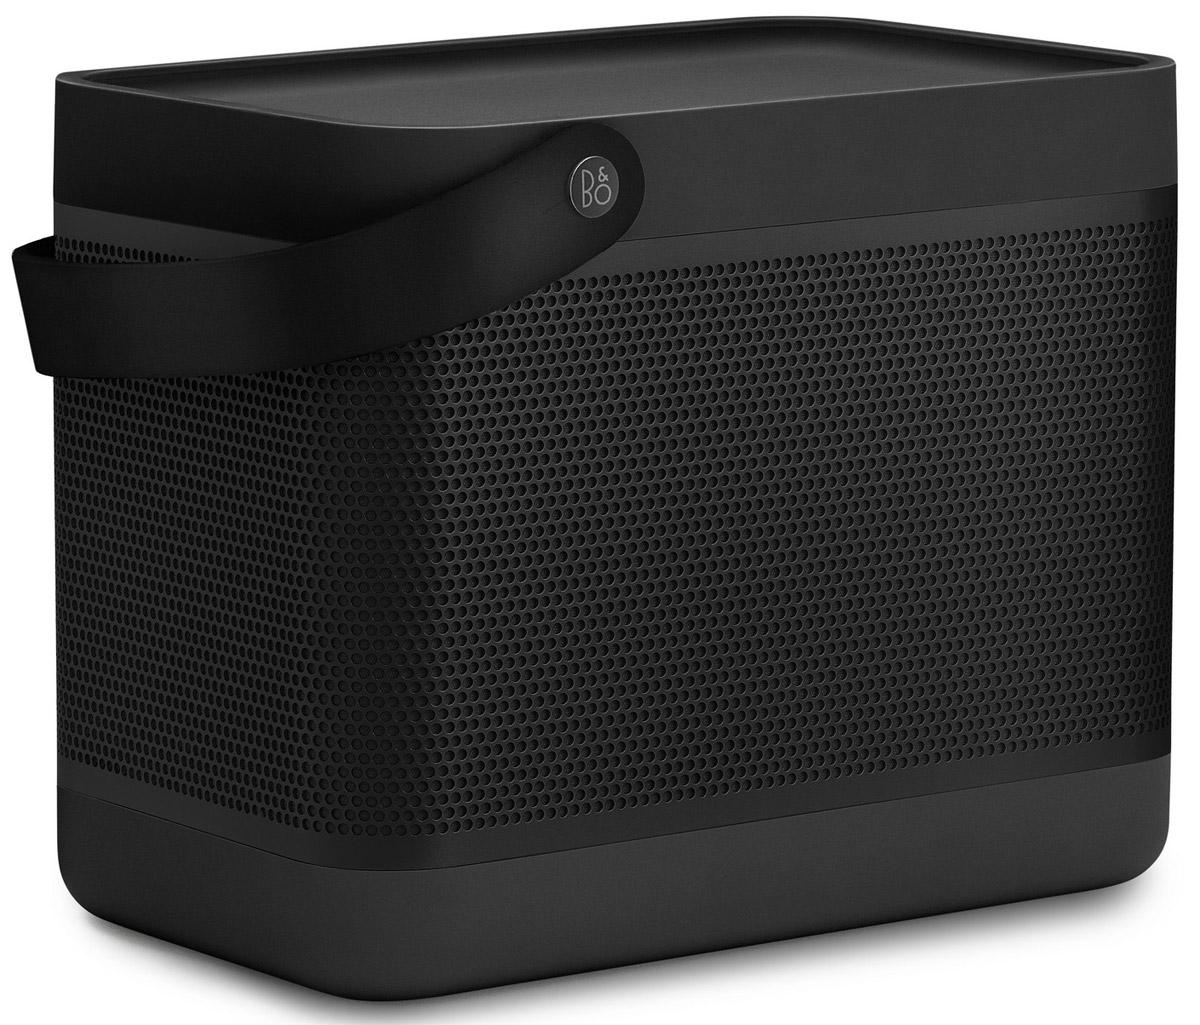 Bang & Olufsen Beolit 15, Black портативная акустическая система1287626Bang & Olufsen Beolit 15 - это современная компактная аудиосистема c безупречным дизайном в лучших традициях B&O. Она сочетает в себе максимальную производительность, надежность и функциональность. Инновационная технология передачи звука True360 позволяет использовать её дома в офисе и даже на открытом воздухе, звука будет достаточно благодаря 240 ваттам пиковой мощности. Емкий аккумулятор на 18 Вт/ч позволит слушать музыку на протяжении 24 часов без подзарядки. Быстрое беспроводное подключение Bluetooth 4.0 гарантирует высокое качество передачи потокового аудио. Bang & Olufsen Beolit 15 запоминает до 8 пользователей и может быть подключена к 2-м устройствам одновременно, тем самым на вечеринке вы сможете устроить ди-джей баттл с друзьями. Так же имеется USB-порт, который можно использовать для зарядки мобильных устройств. Мощность усилителей: 2 x 35 Вт Емкость аккумулятора: 2200 мАч